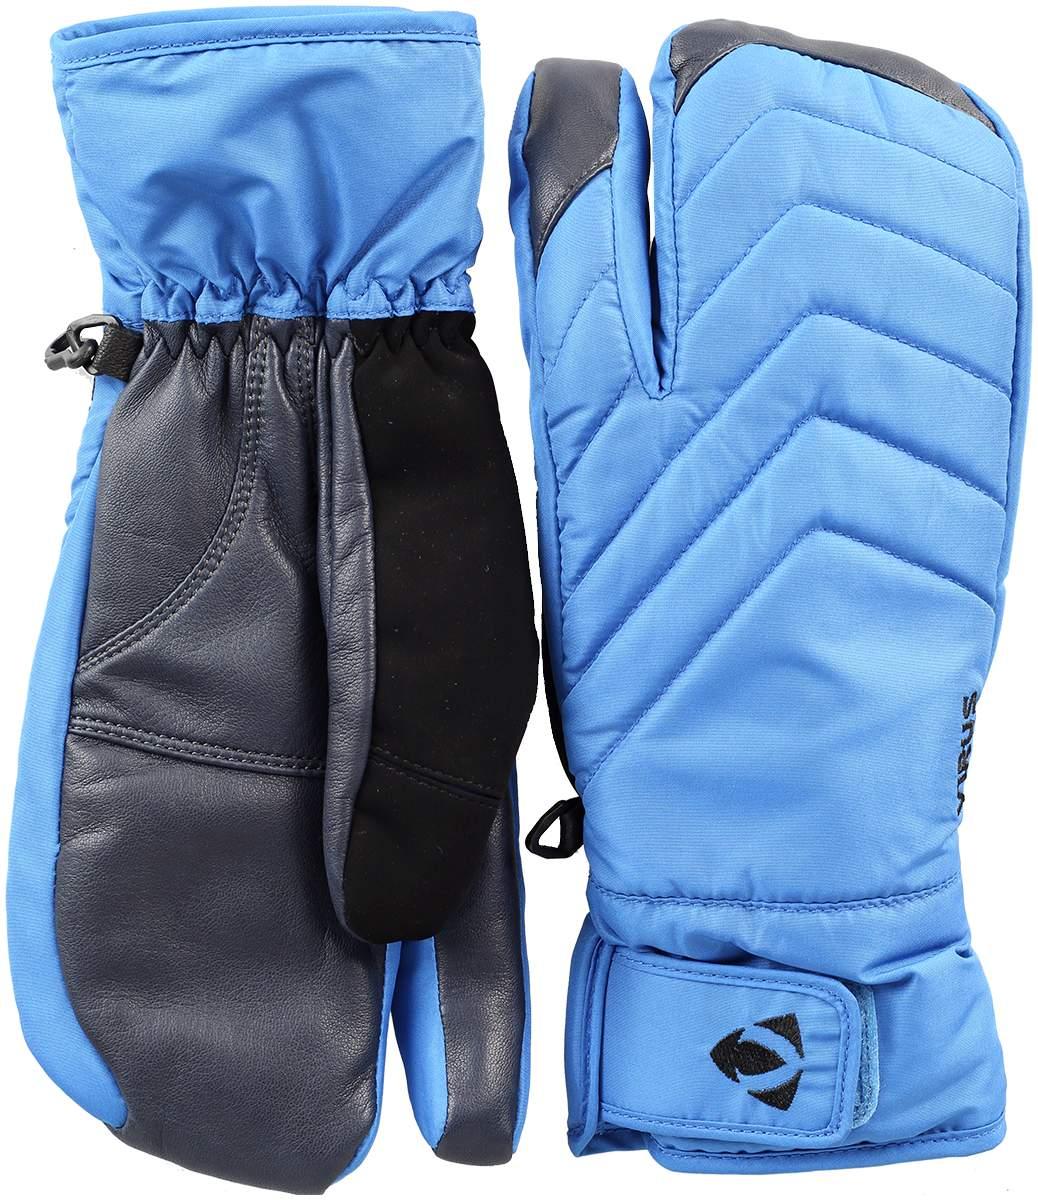 Рукавицы F4Варежки<br>Рукавицы F4 – это «мутация» популярной модели Muzzy. Разделение пальцев делает эту модель больше похожей на рукавицы, что определенно снижает риски обморожения. Кроме того, их оригинальный дизайн дополнен надежной регулировкой запястья, мембраной DryZone ...<br><br>Цвет: Синий<br>Размер: L